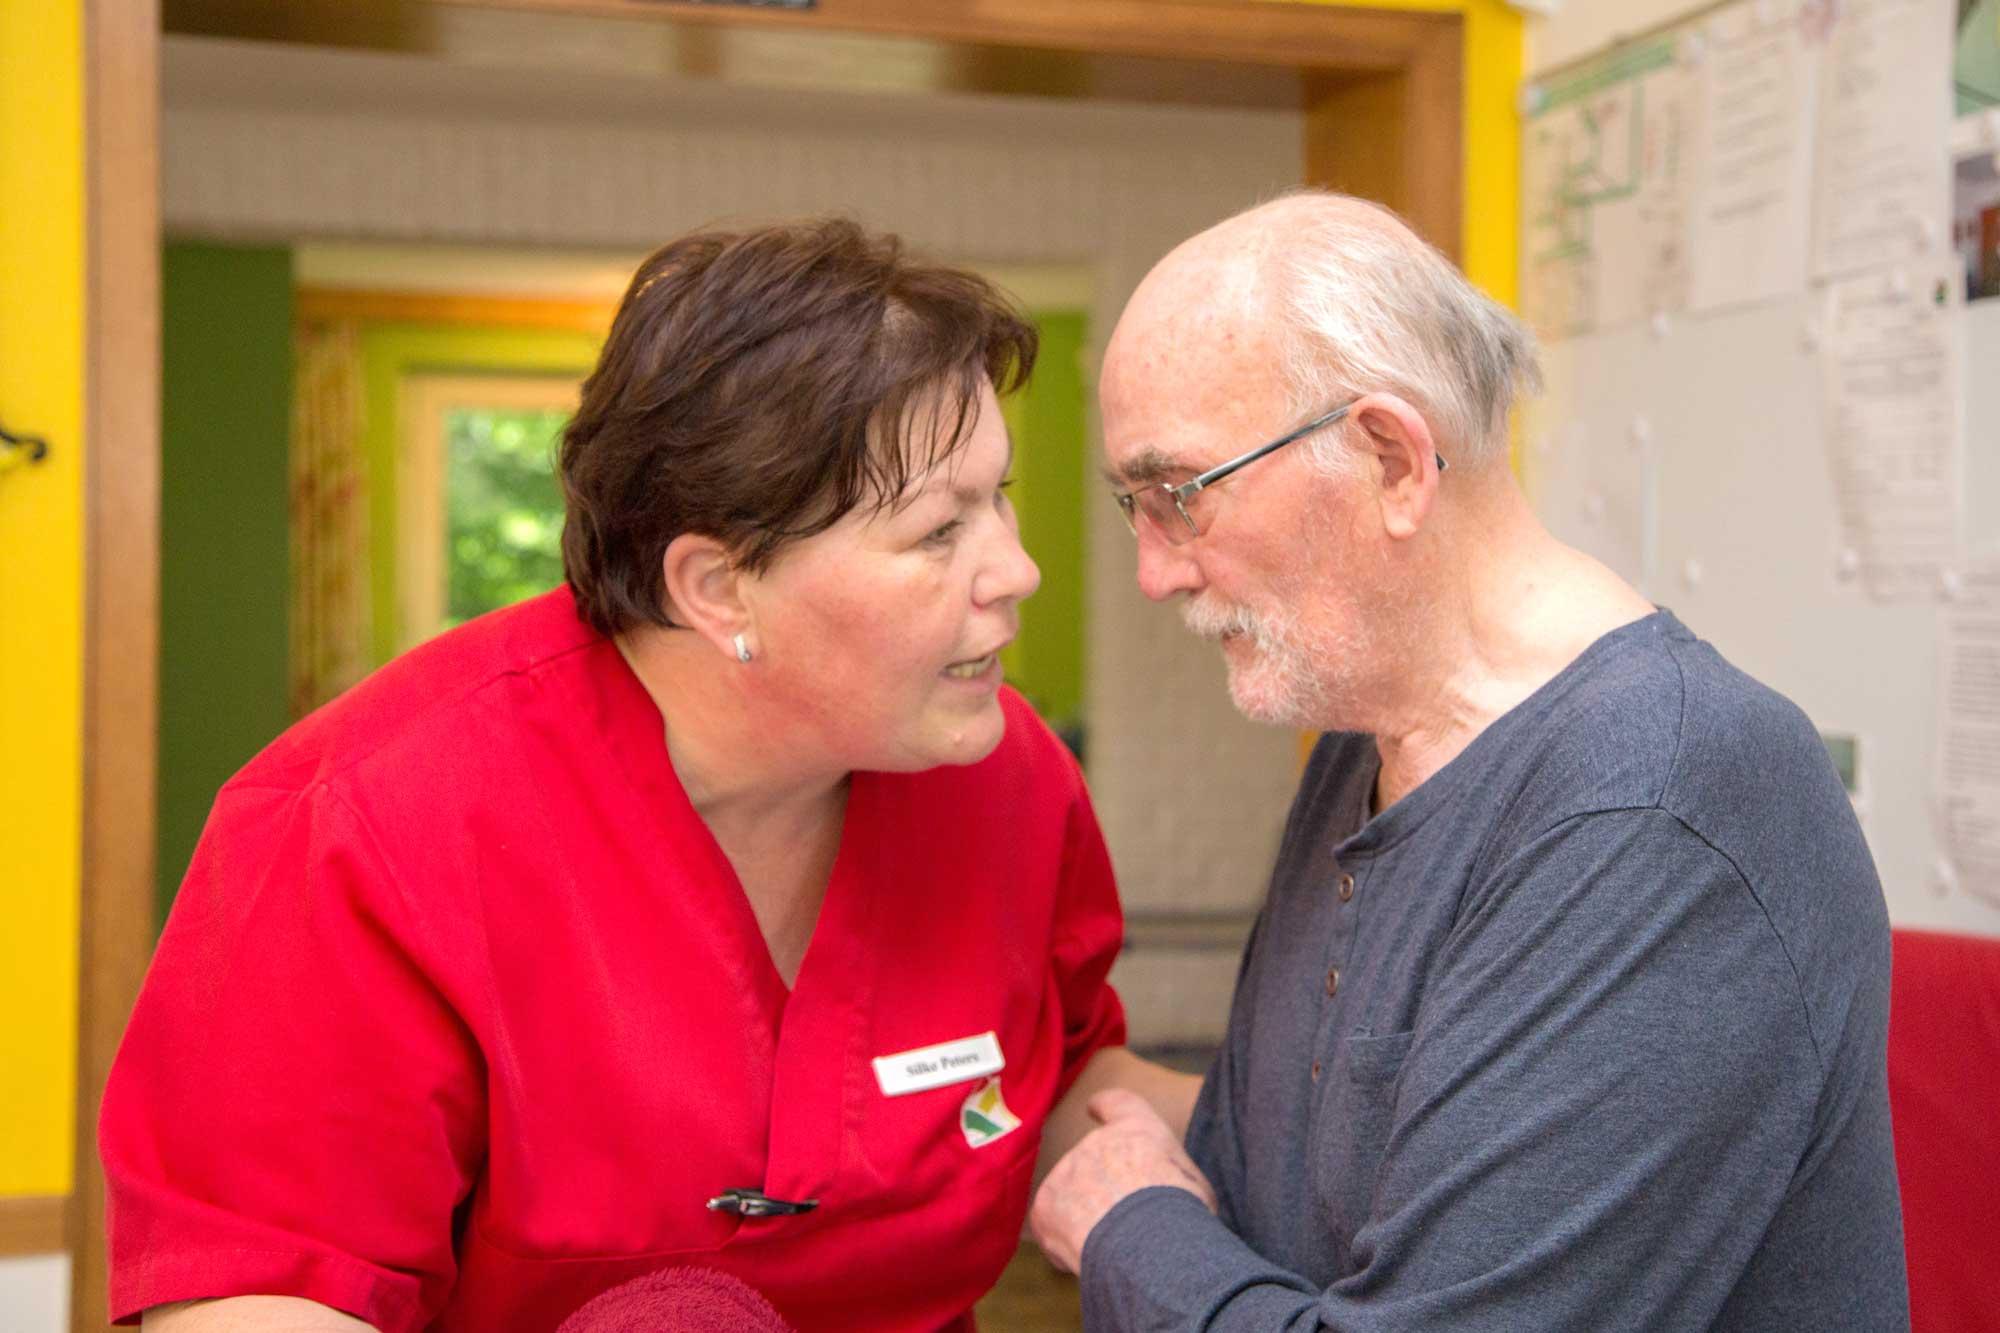 Gespräch zwischen Bewohner und Pflegerin